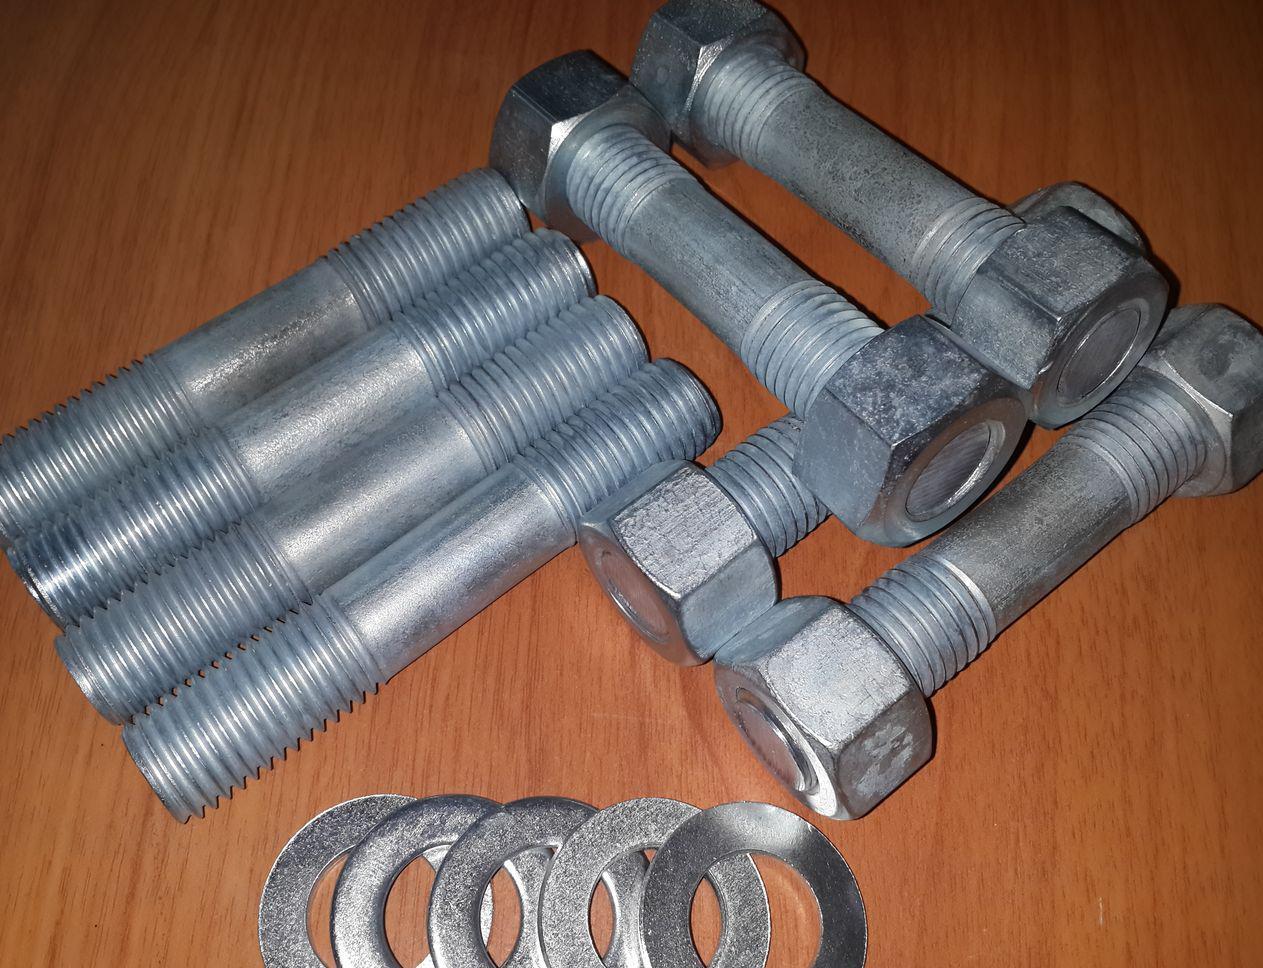 ГОСТ 22042-76 Шпилька М12 для деталей с гладкими отверстиями